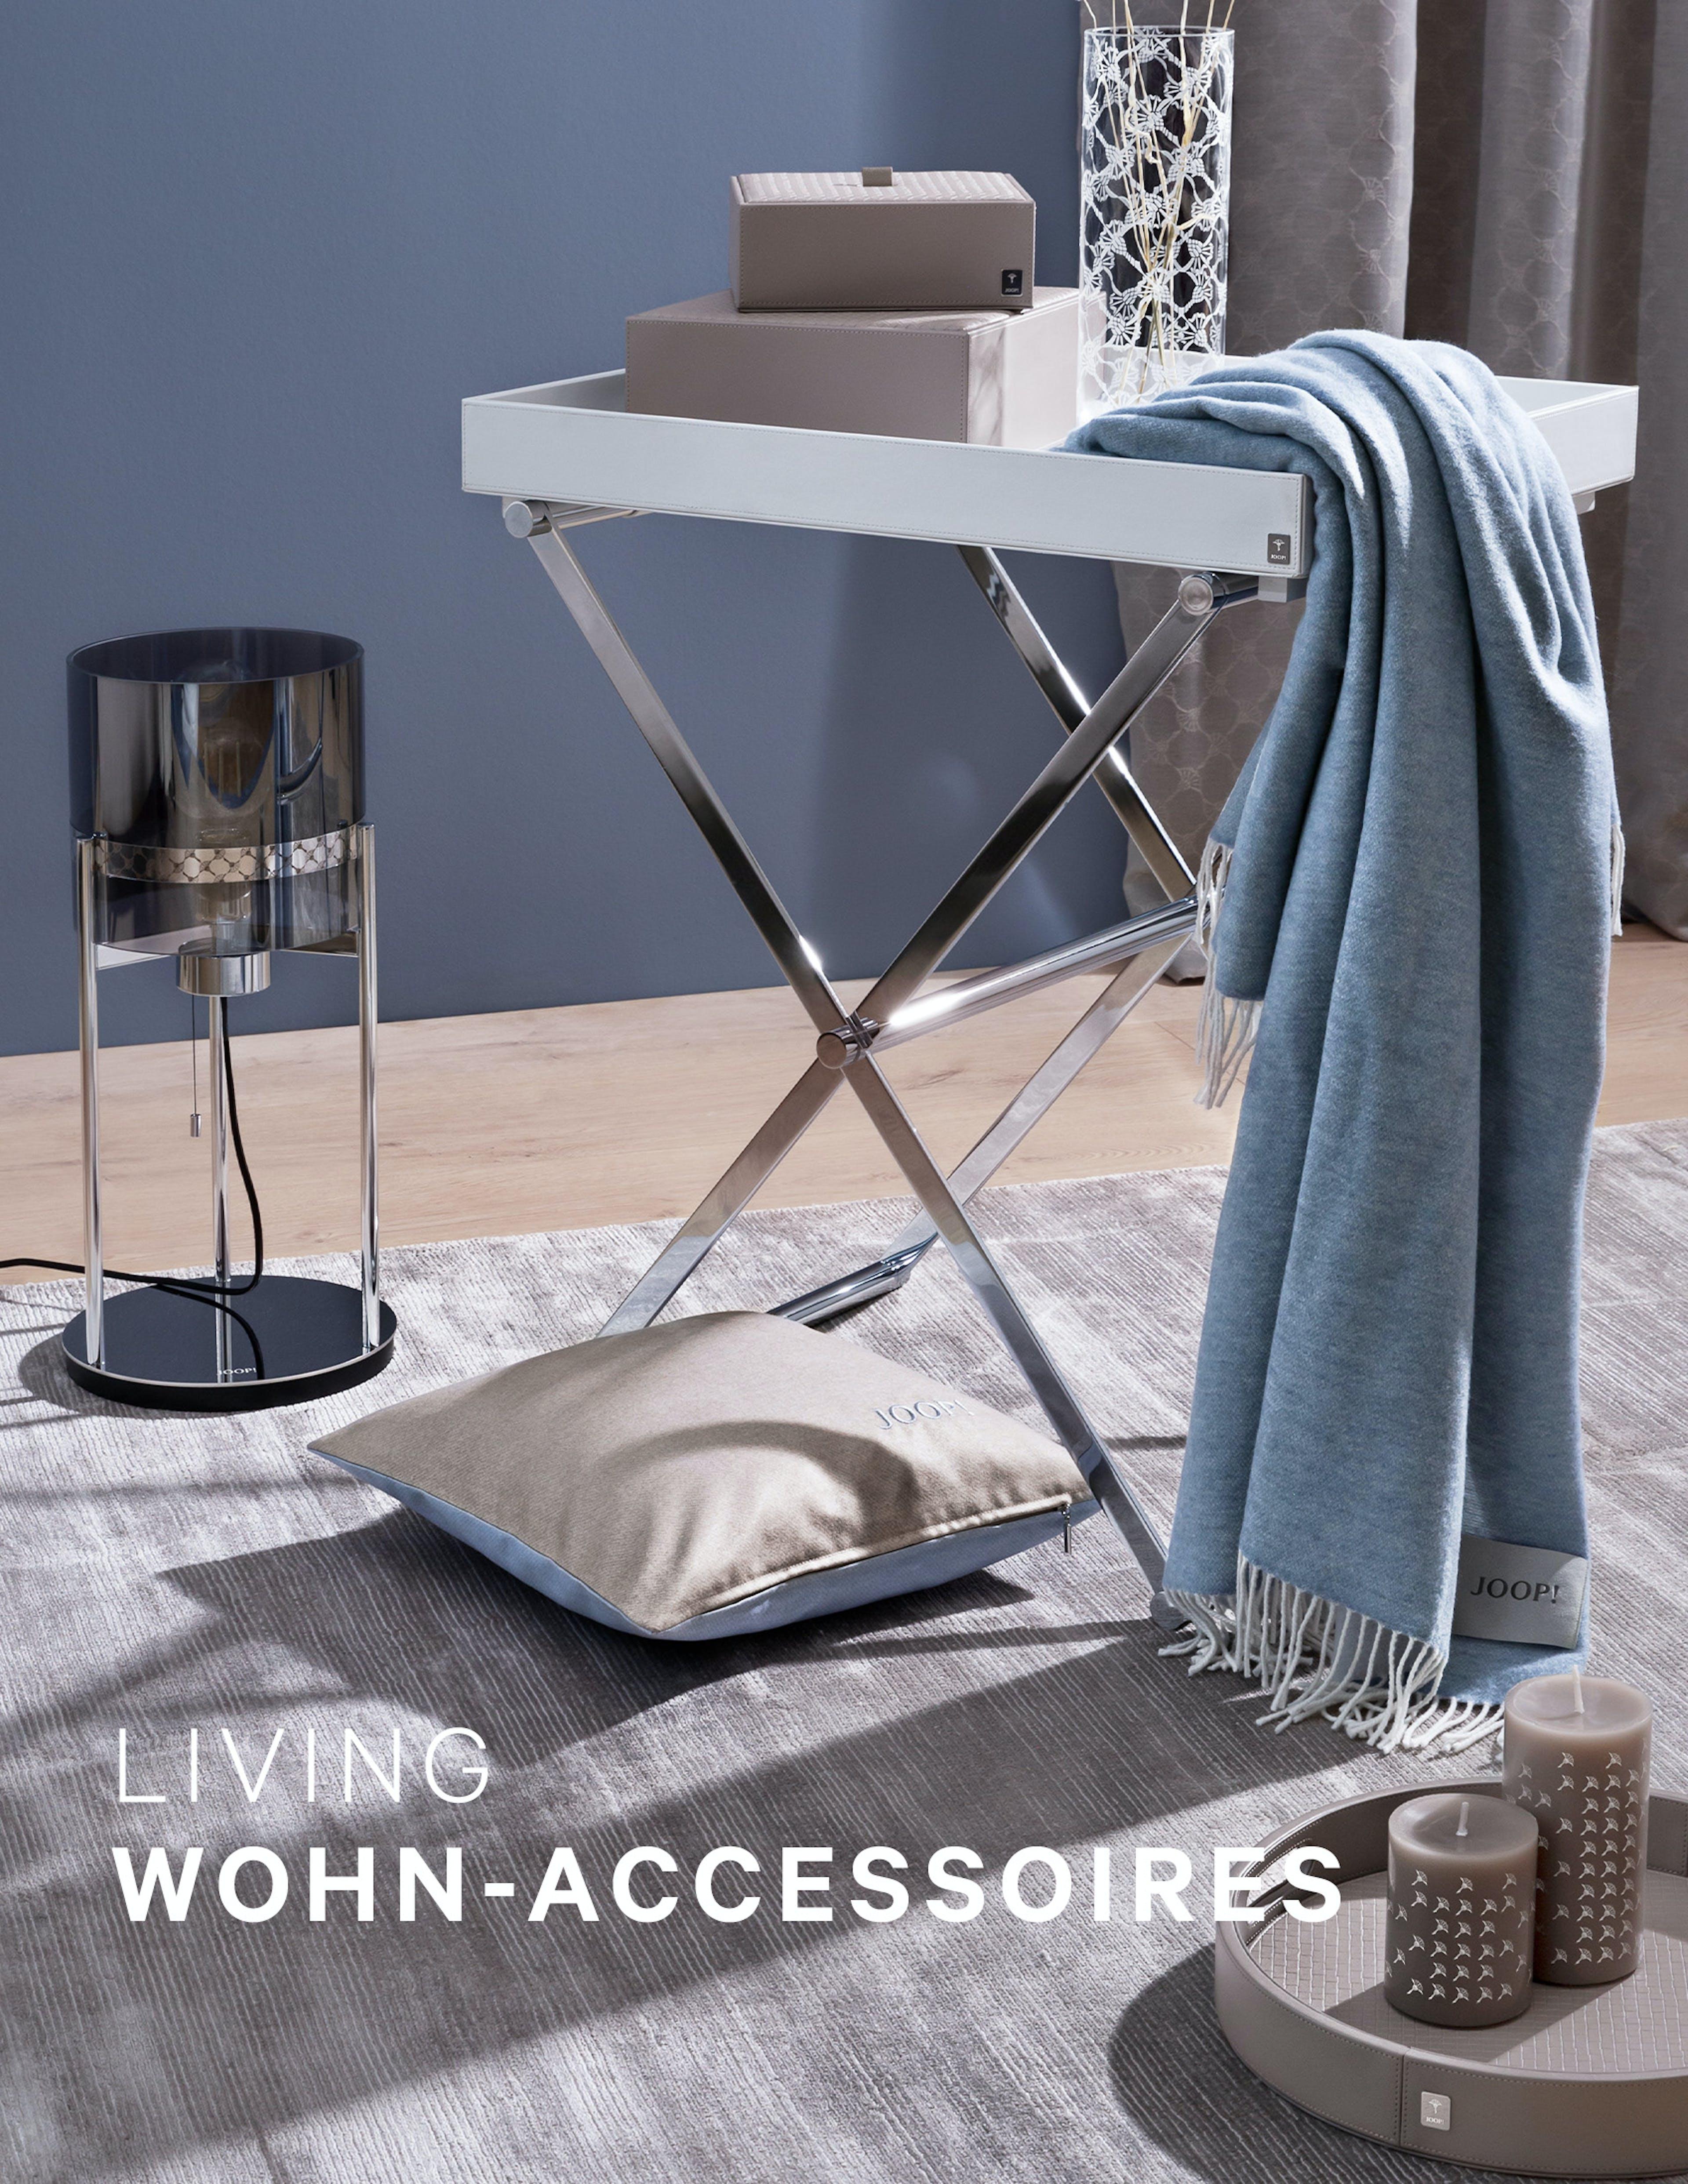 Wohn-Accessoires von JOOP!